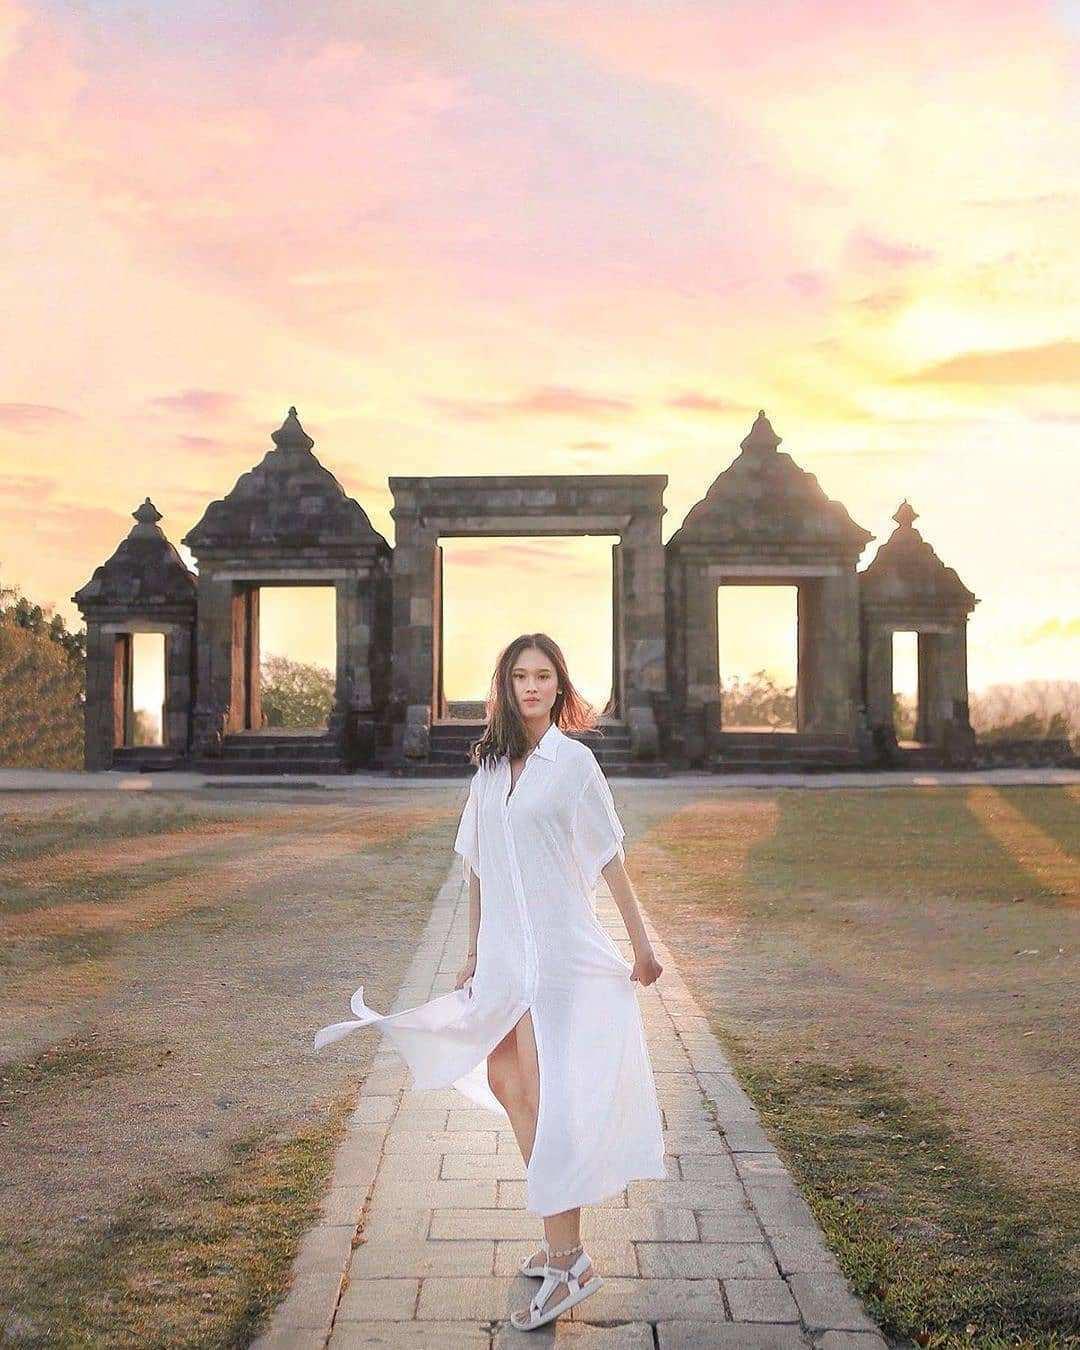 Berfoto di Ratu Boko Jogja, Image From @nata.charms